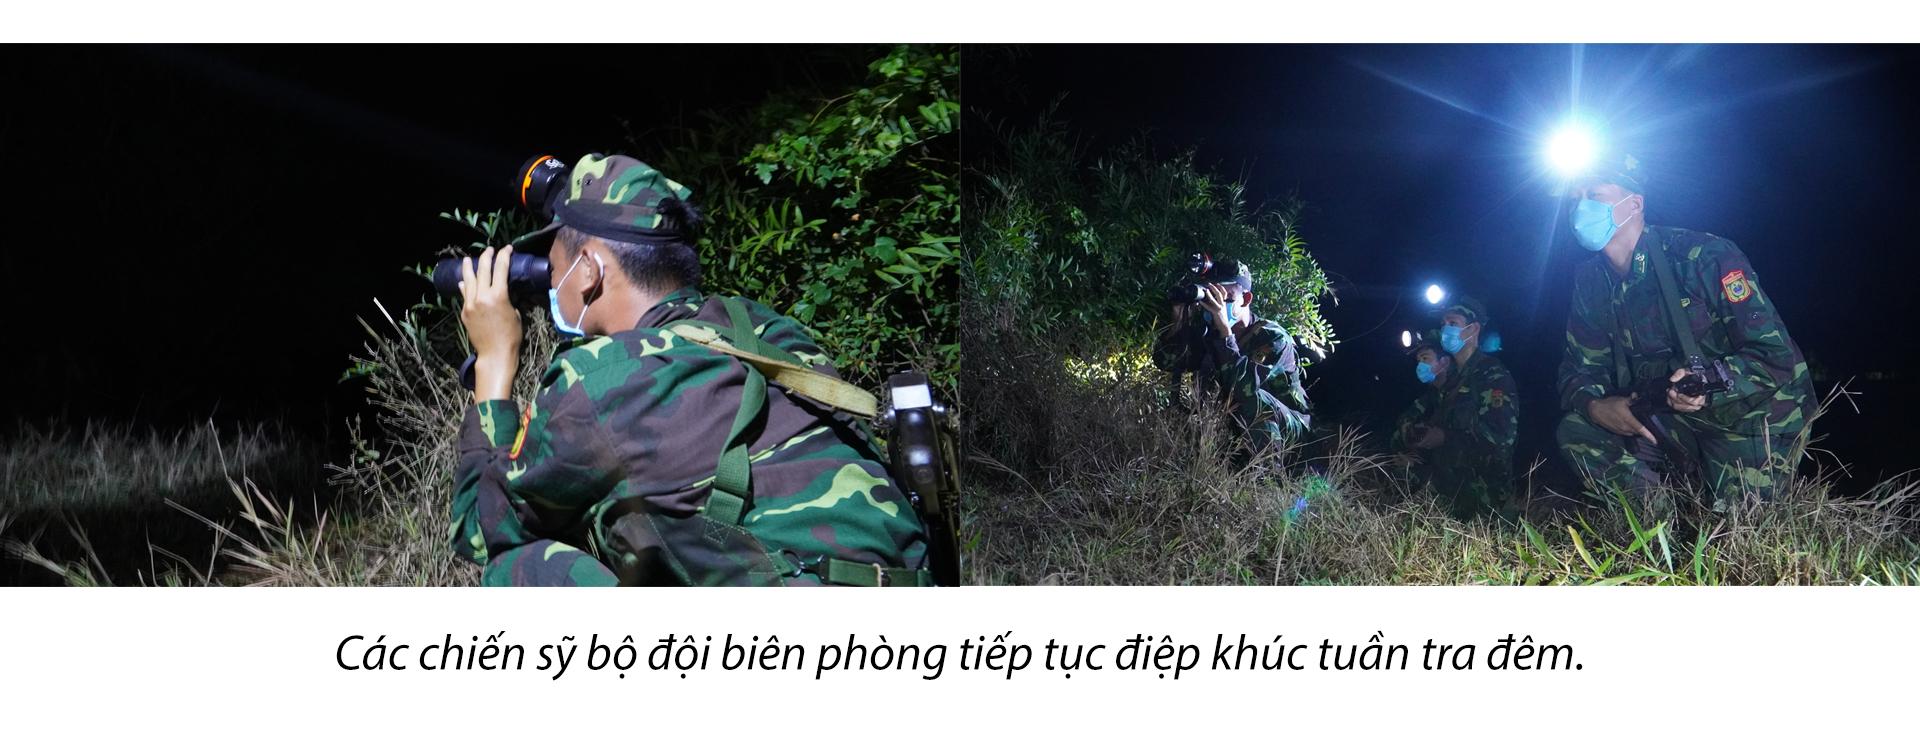 Tâm sự của chiến sĩ biên giới Tây Nam những ngày chống dịch - ảnh 9